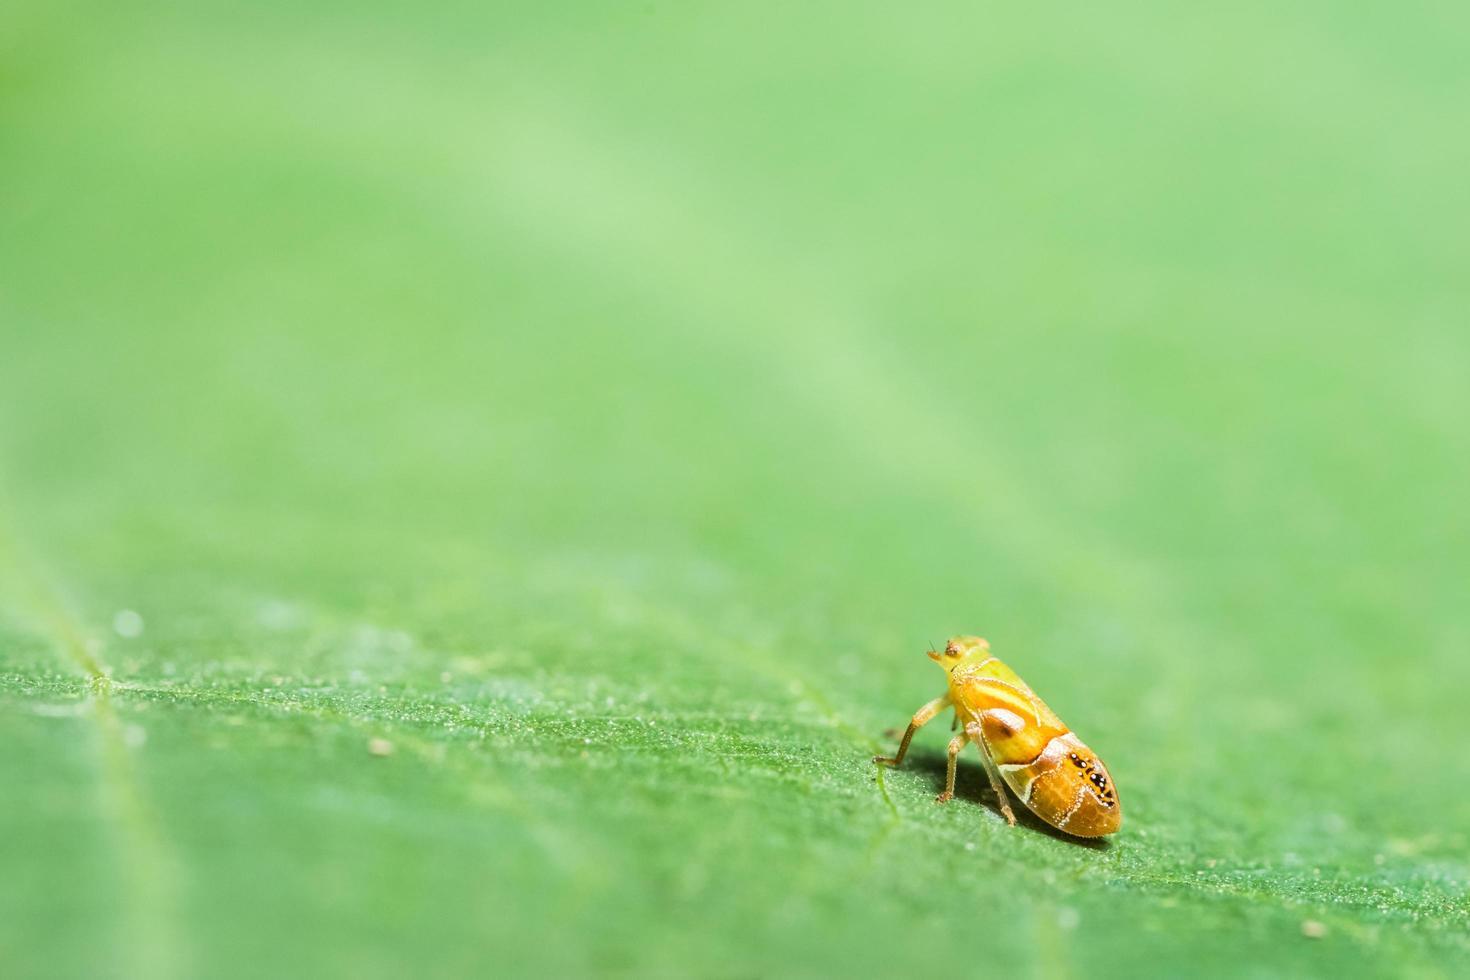 foglia di insetto foglia di cavalletta foto